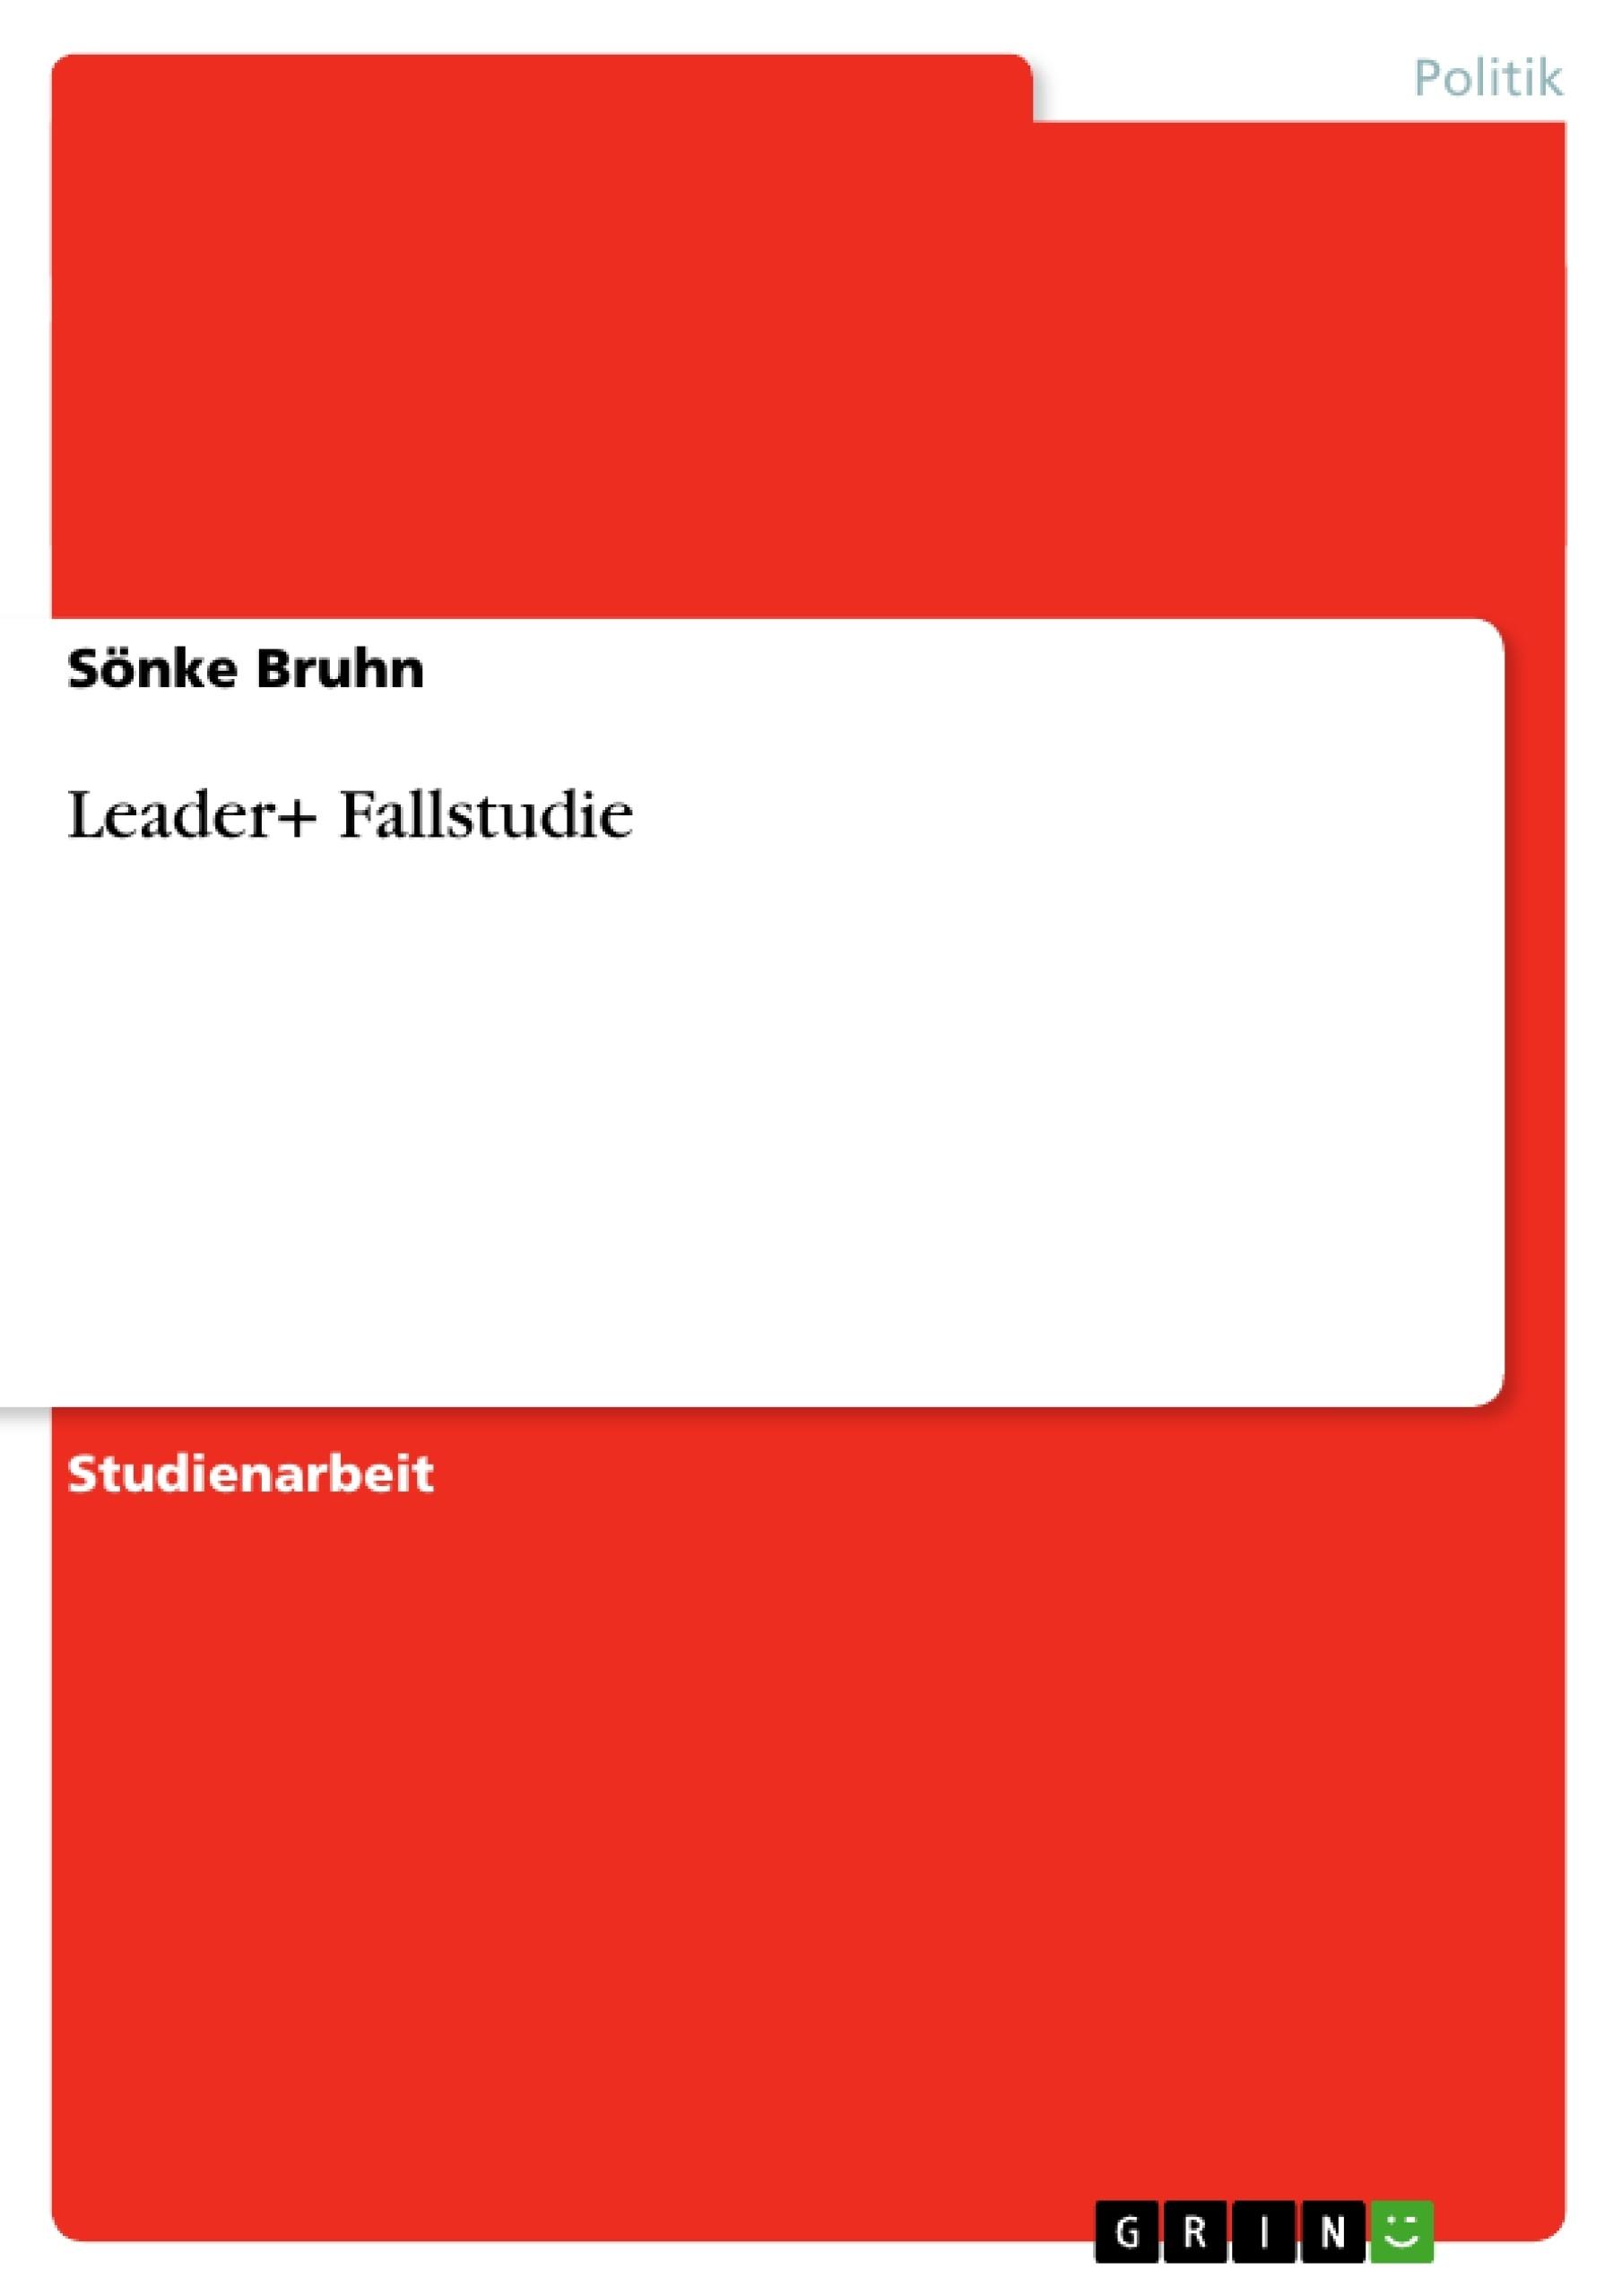 Titel: Leader+ Fallstudie